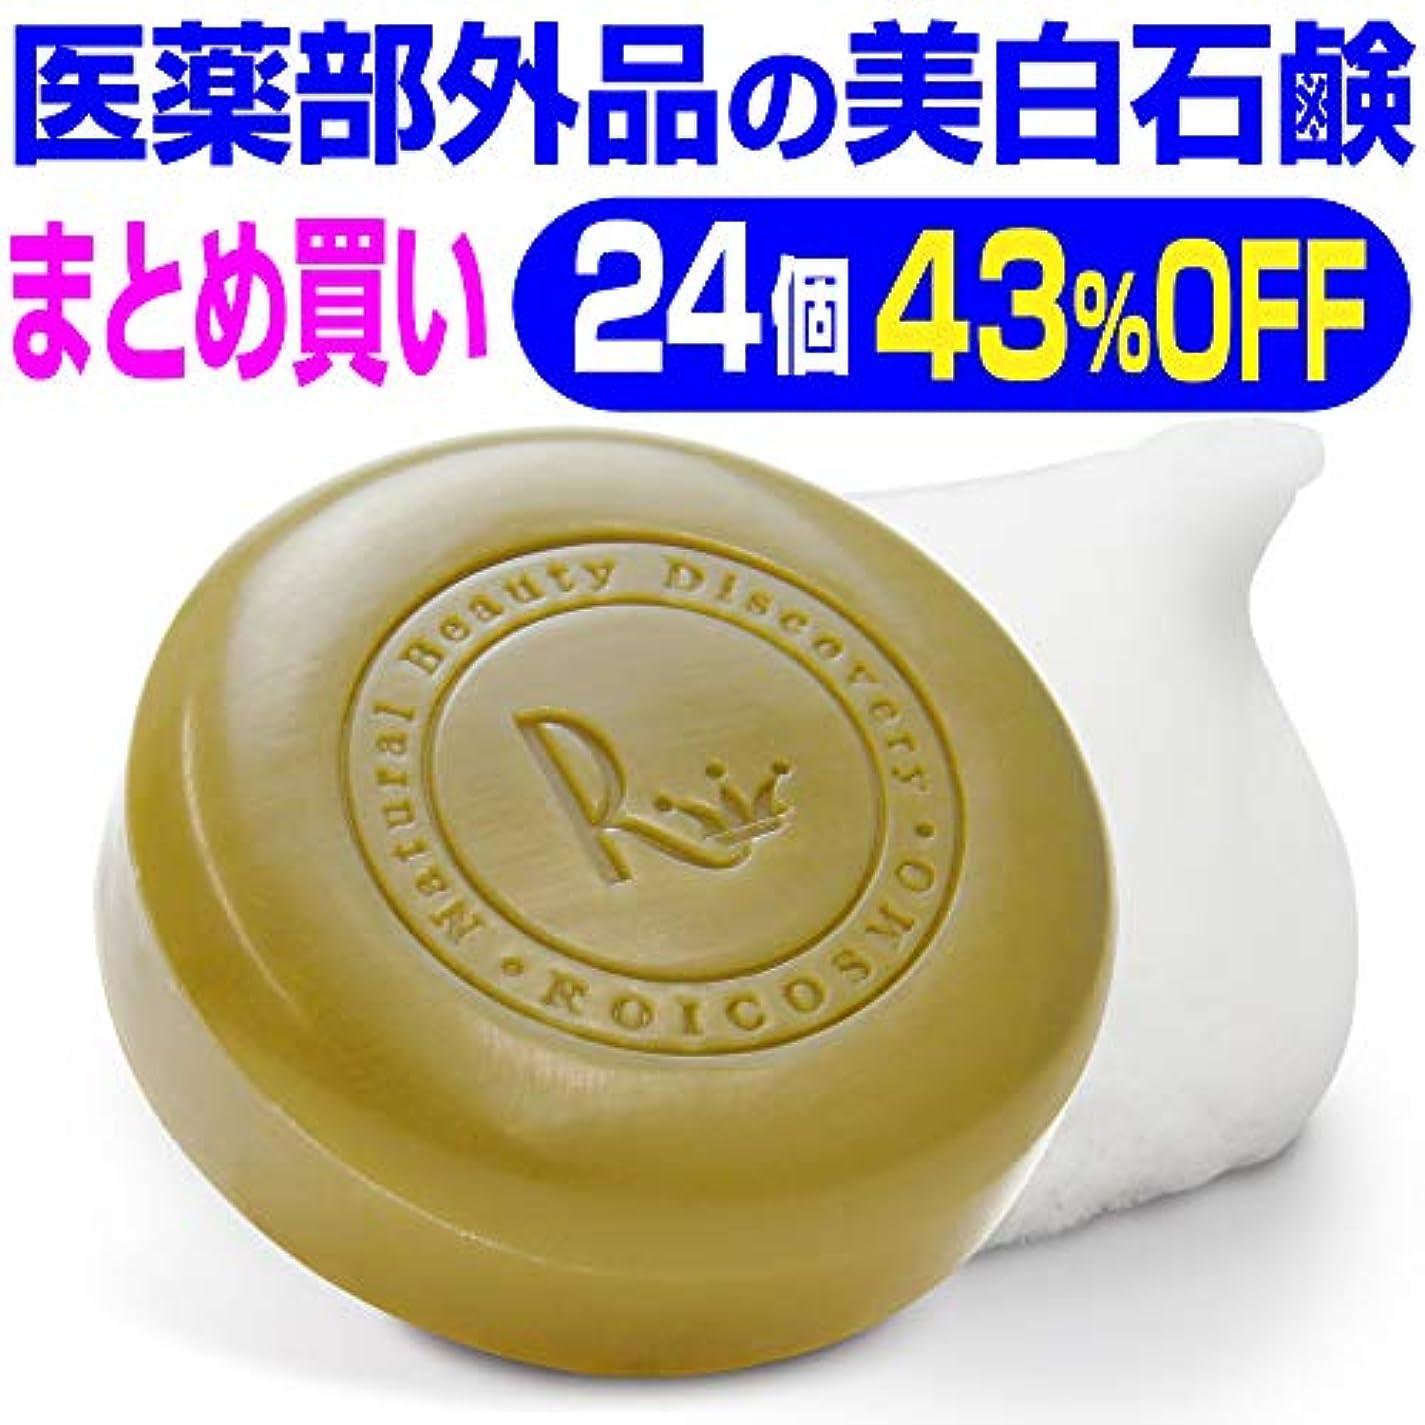 貼り直す去る砲兵24個まとめ買い43%OFF 美白石鹸/ビタミンC270倍の美白成分配合の 洗顔石鹸『ホワイトソープ100g×24個』